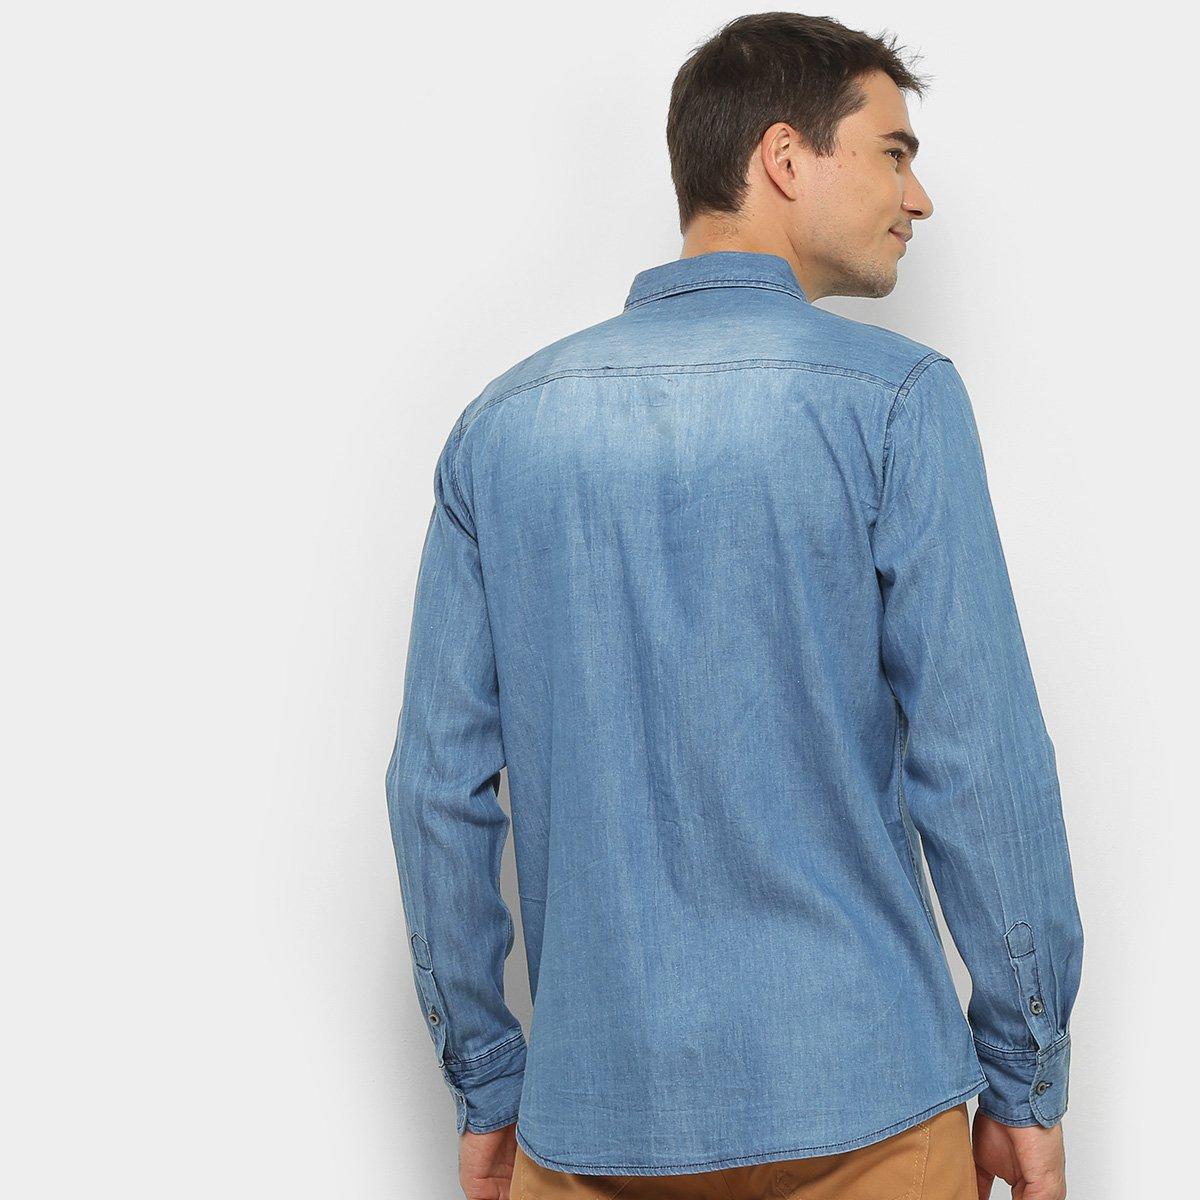 Camisa Jeans Manga Longa Watkins & Krown Estonada Masculina - Azul Claro